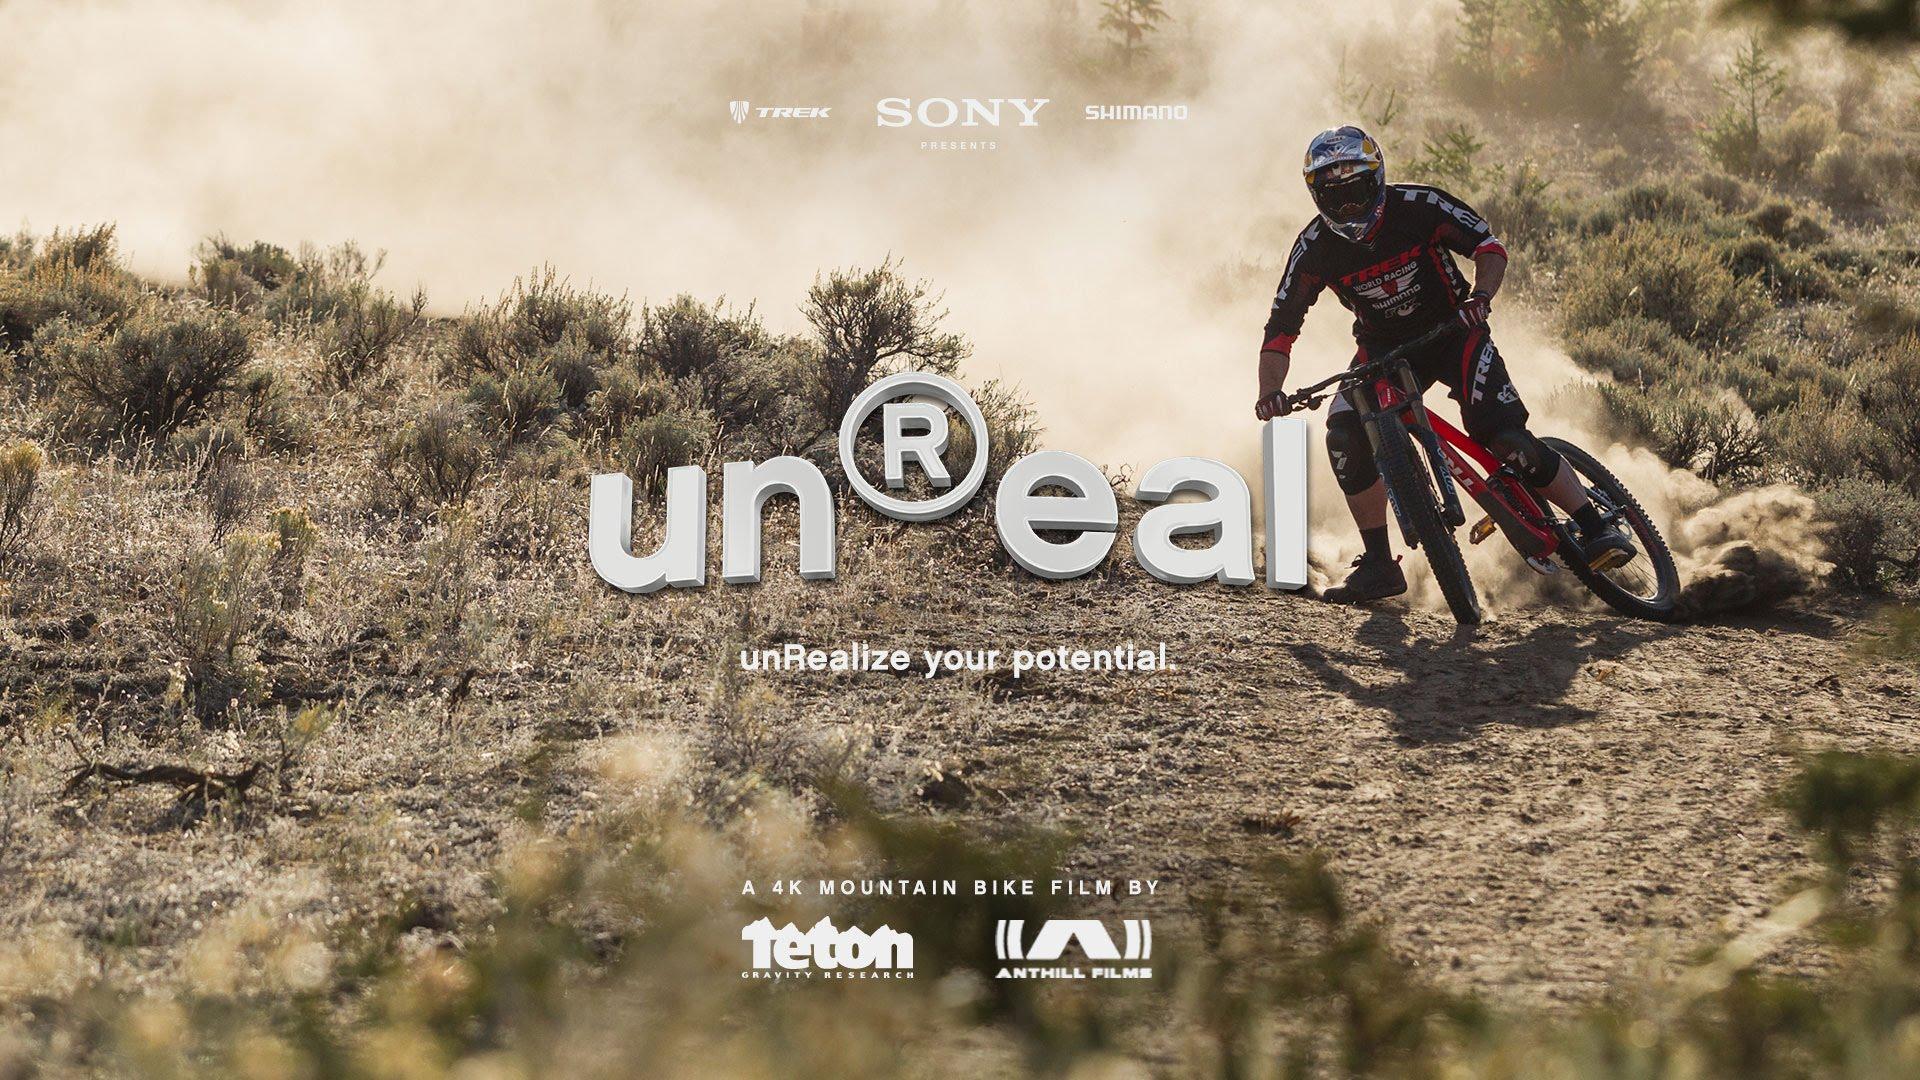 Trailer de unReal, la película del año en el MTB